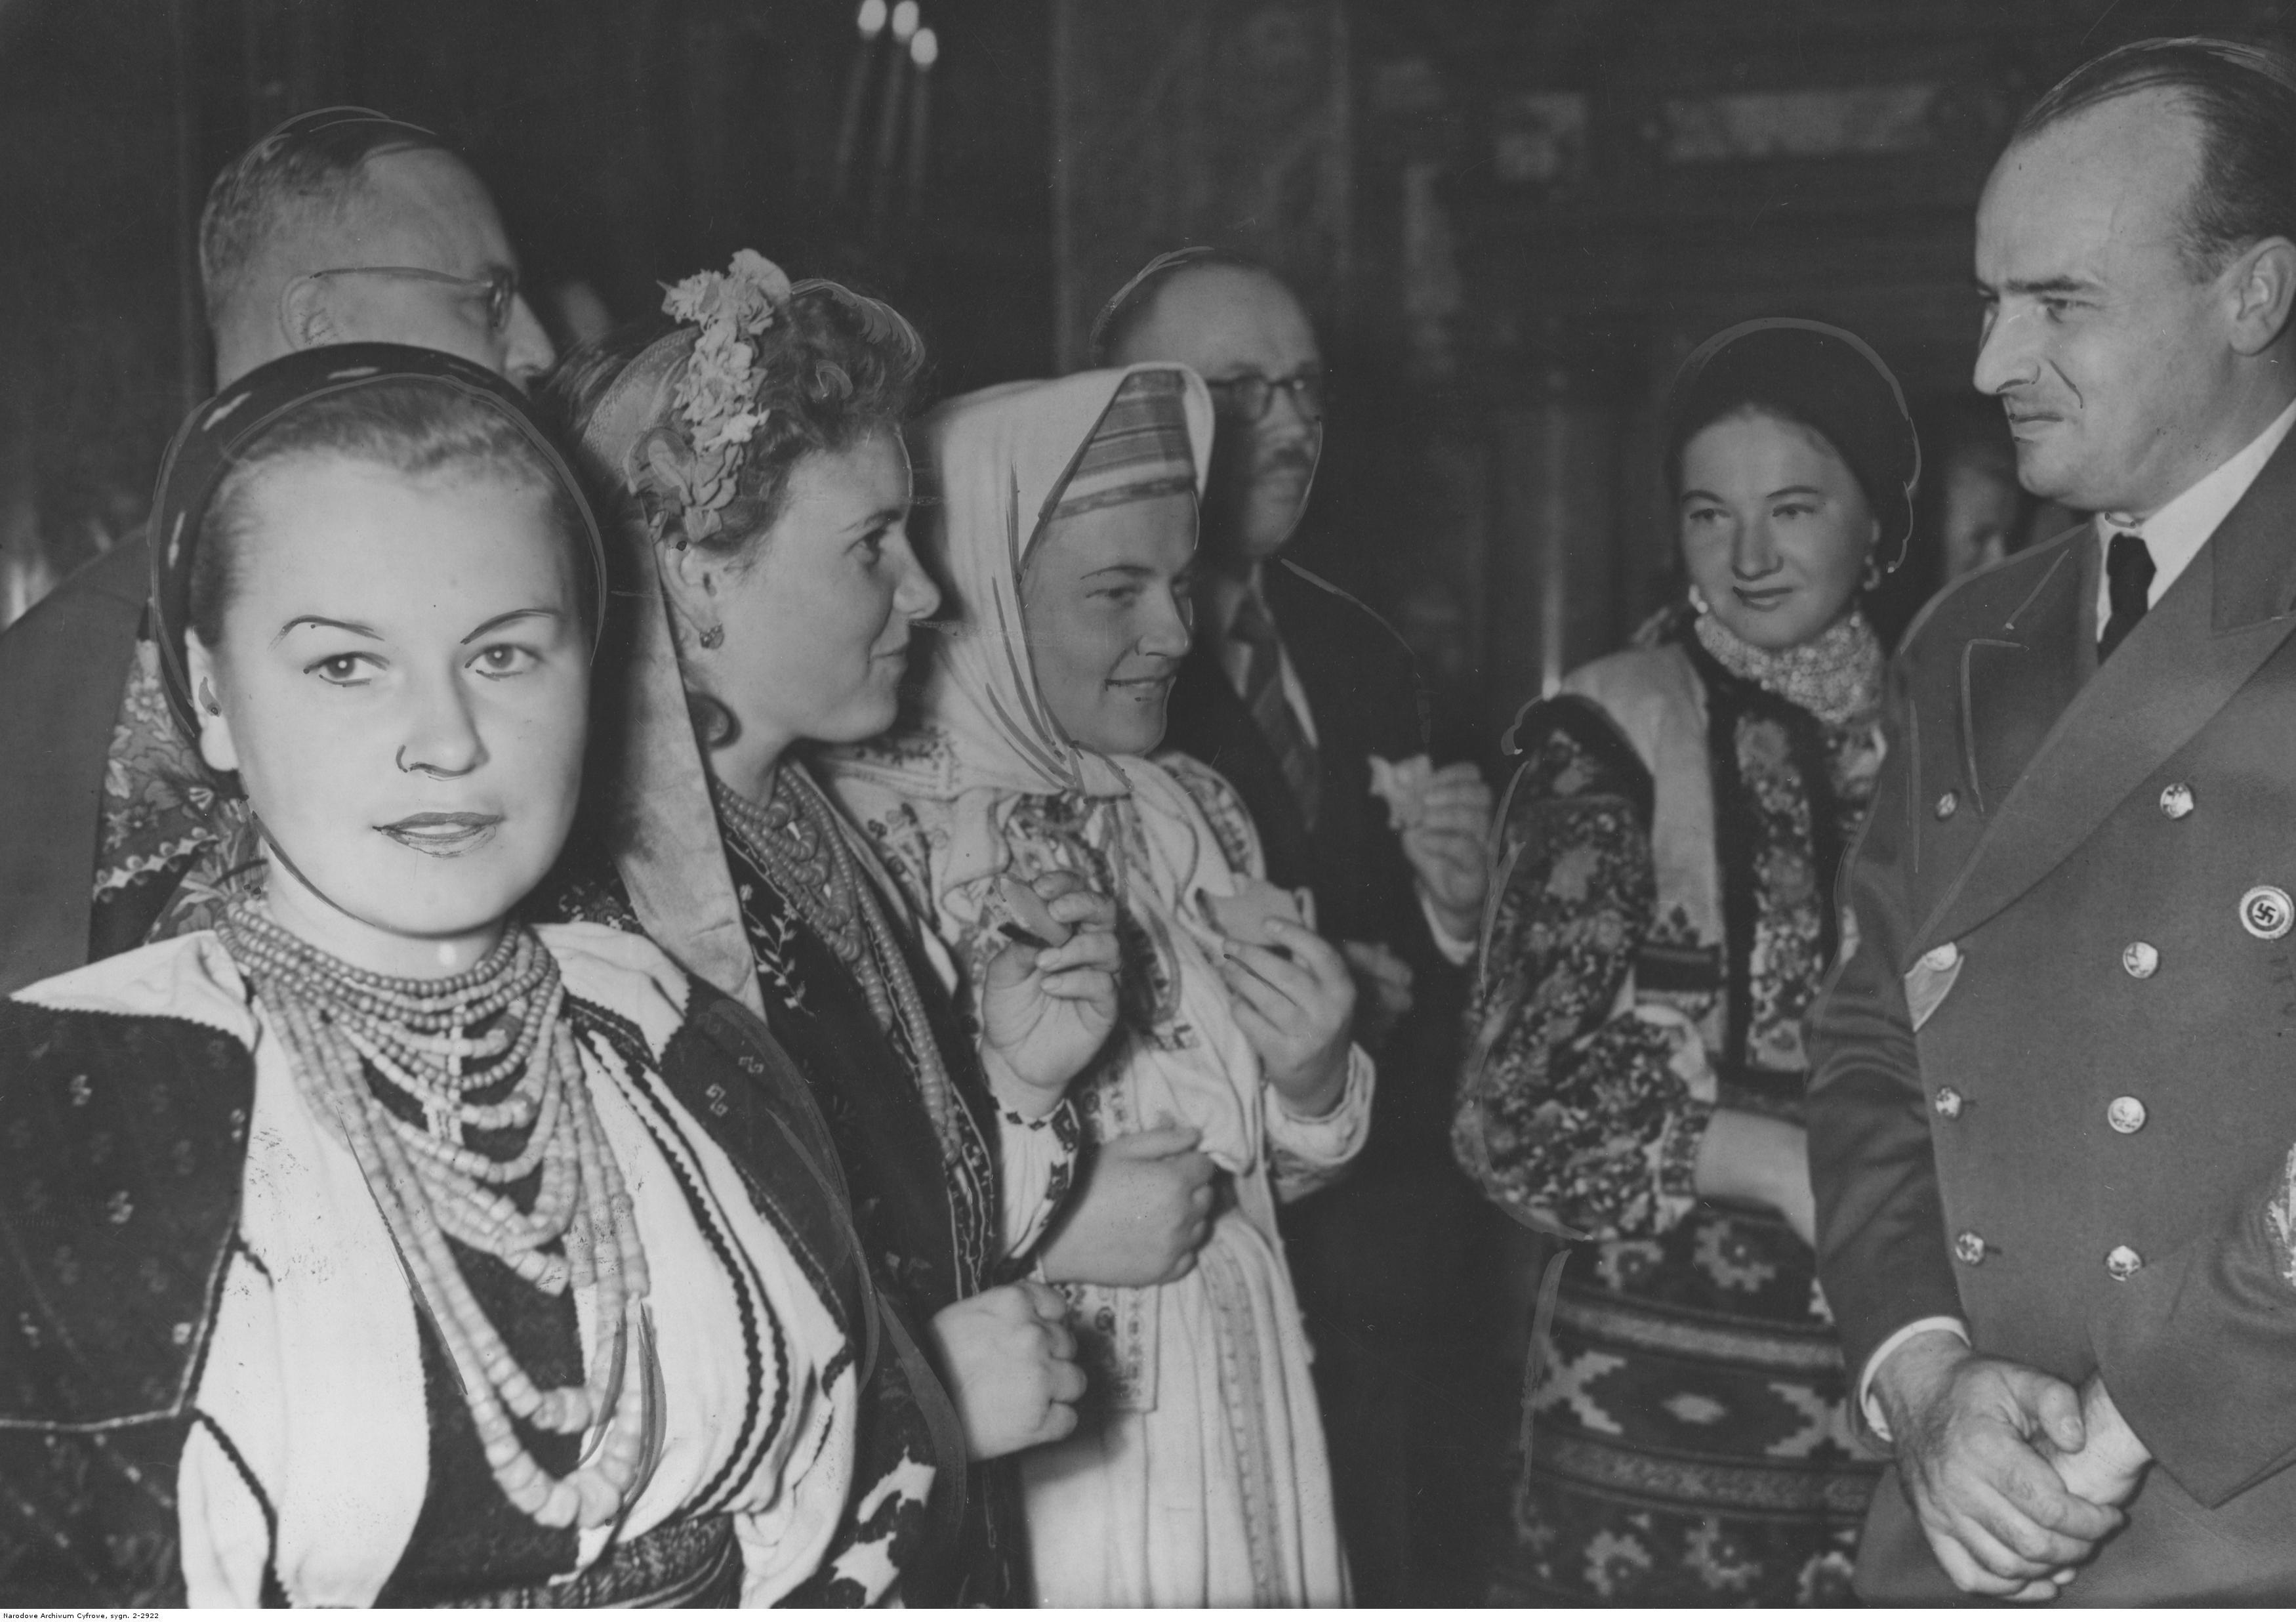 1943. Фестиваль урожая в Королевском замке в Кракове. Генерал-губернатор Ганс Франк (первый справа) во время разговора с украинскими участницами фестиваля урожая. 24.10